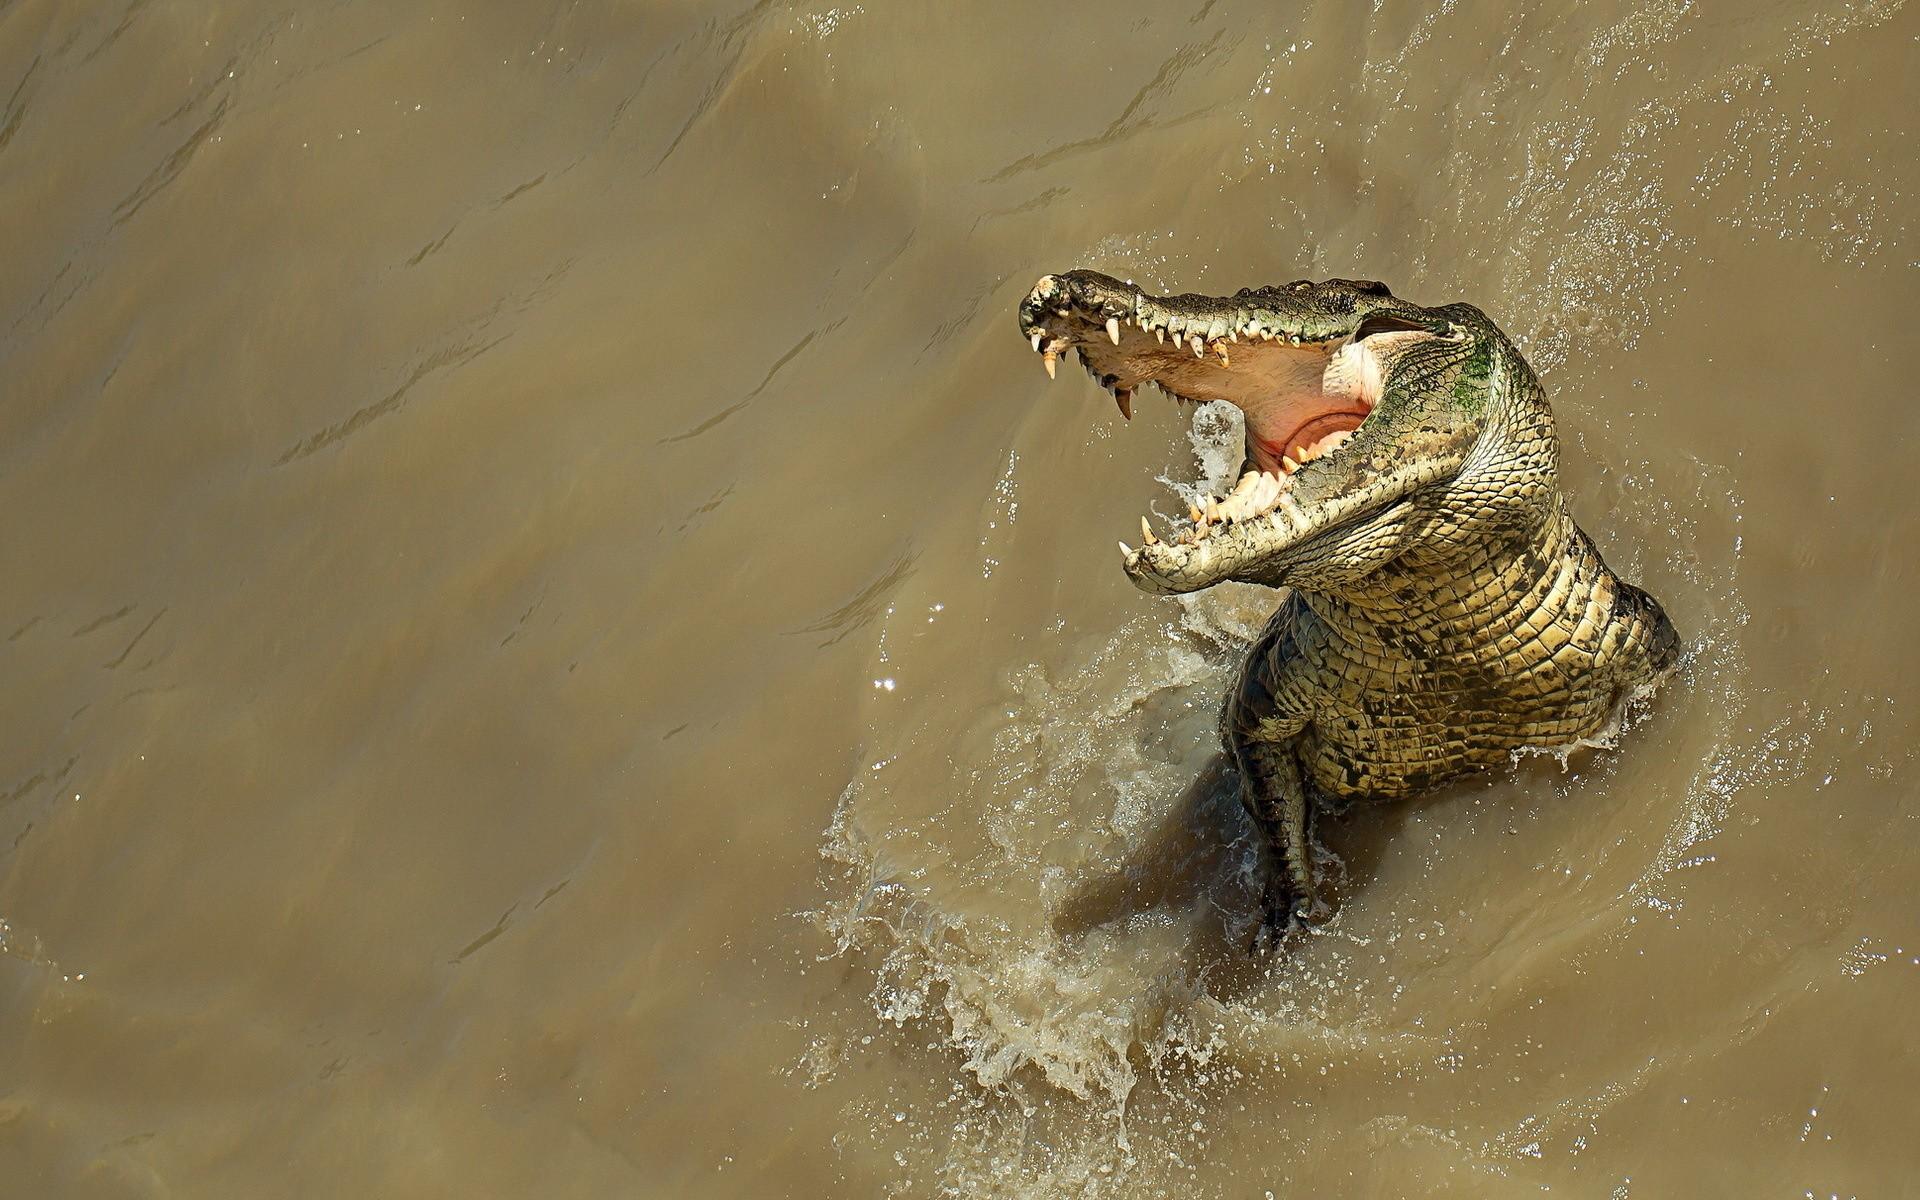 Un cocodrilo en el rio - 1920x1200